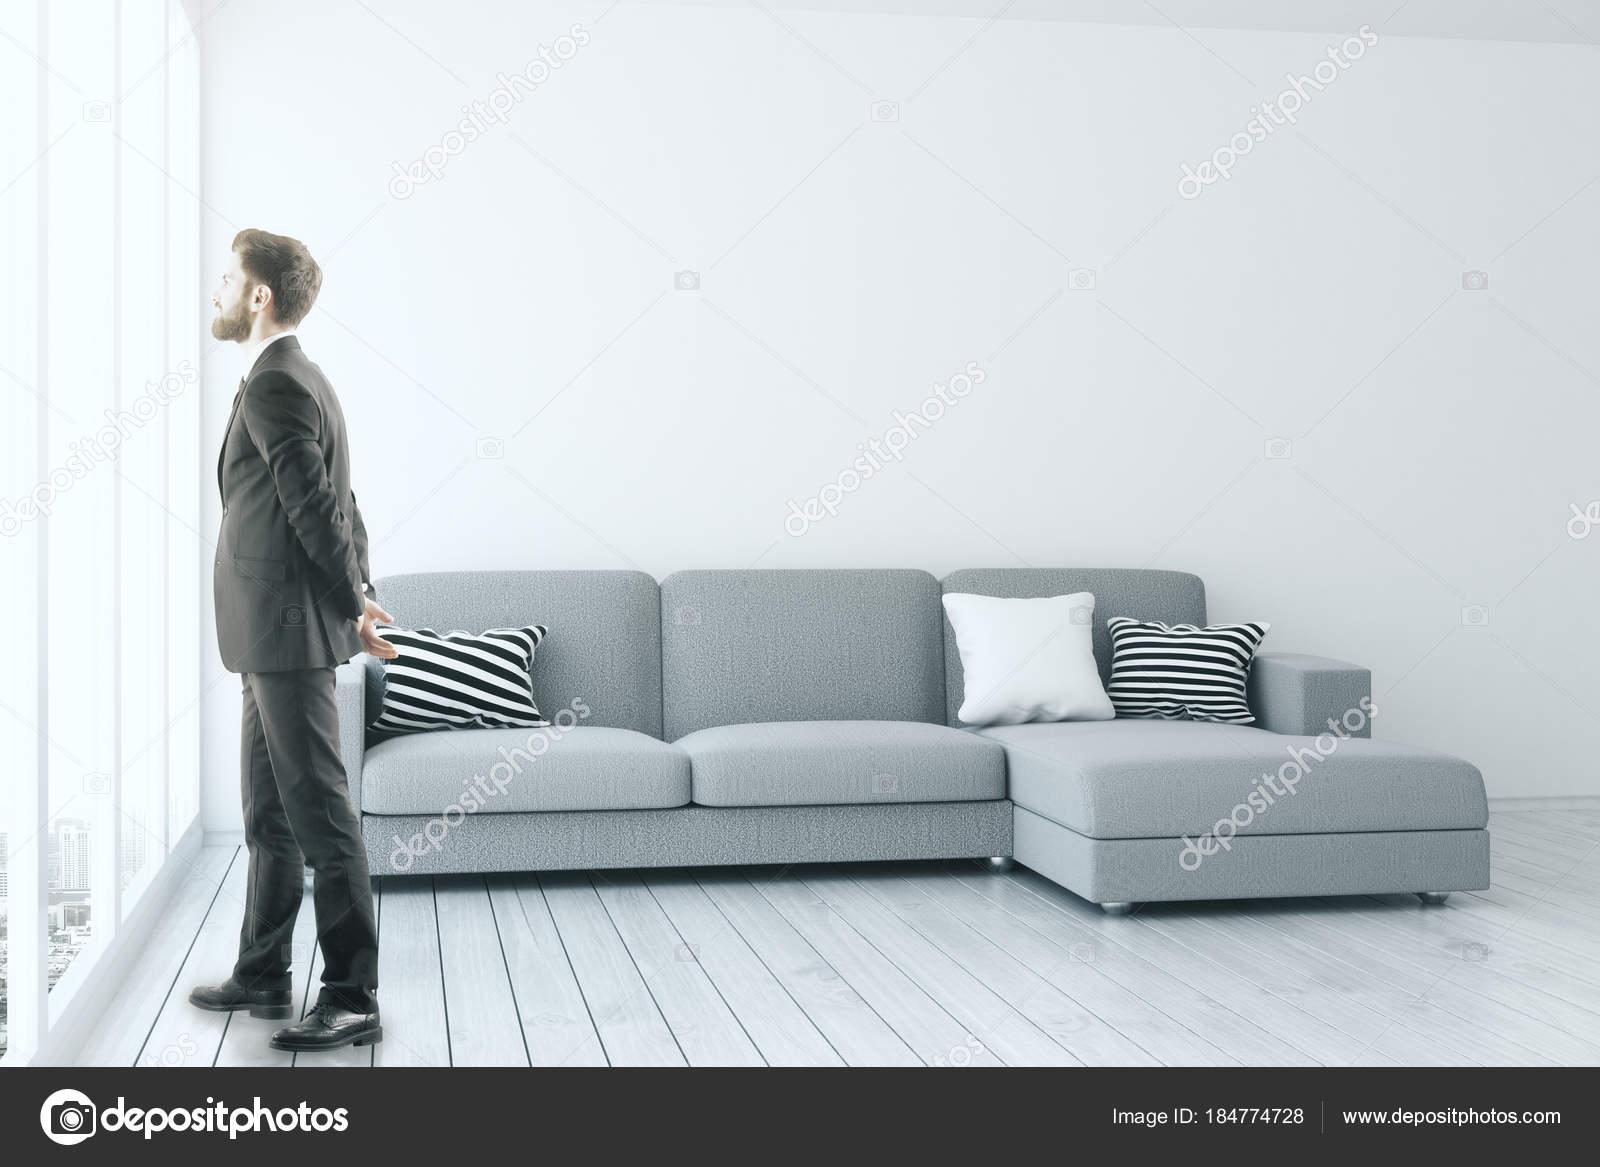 Mann in moderne Wohnzimmer — Stockfoto © peshkova #184774728